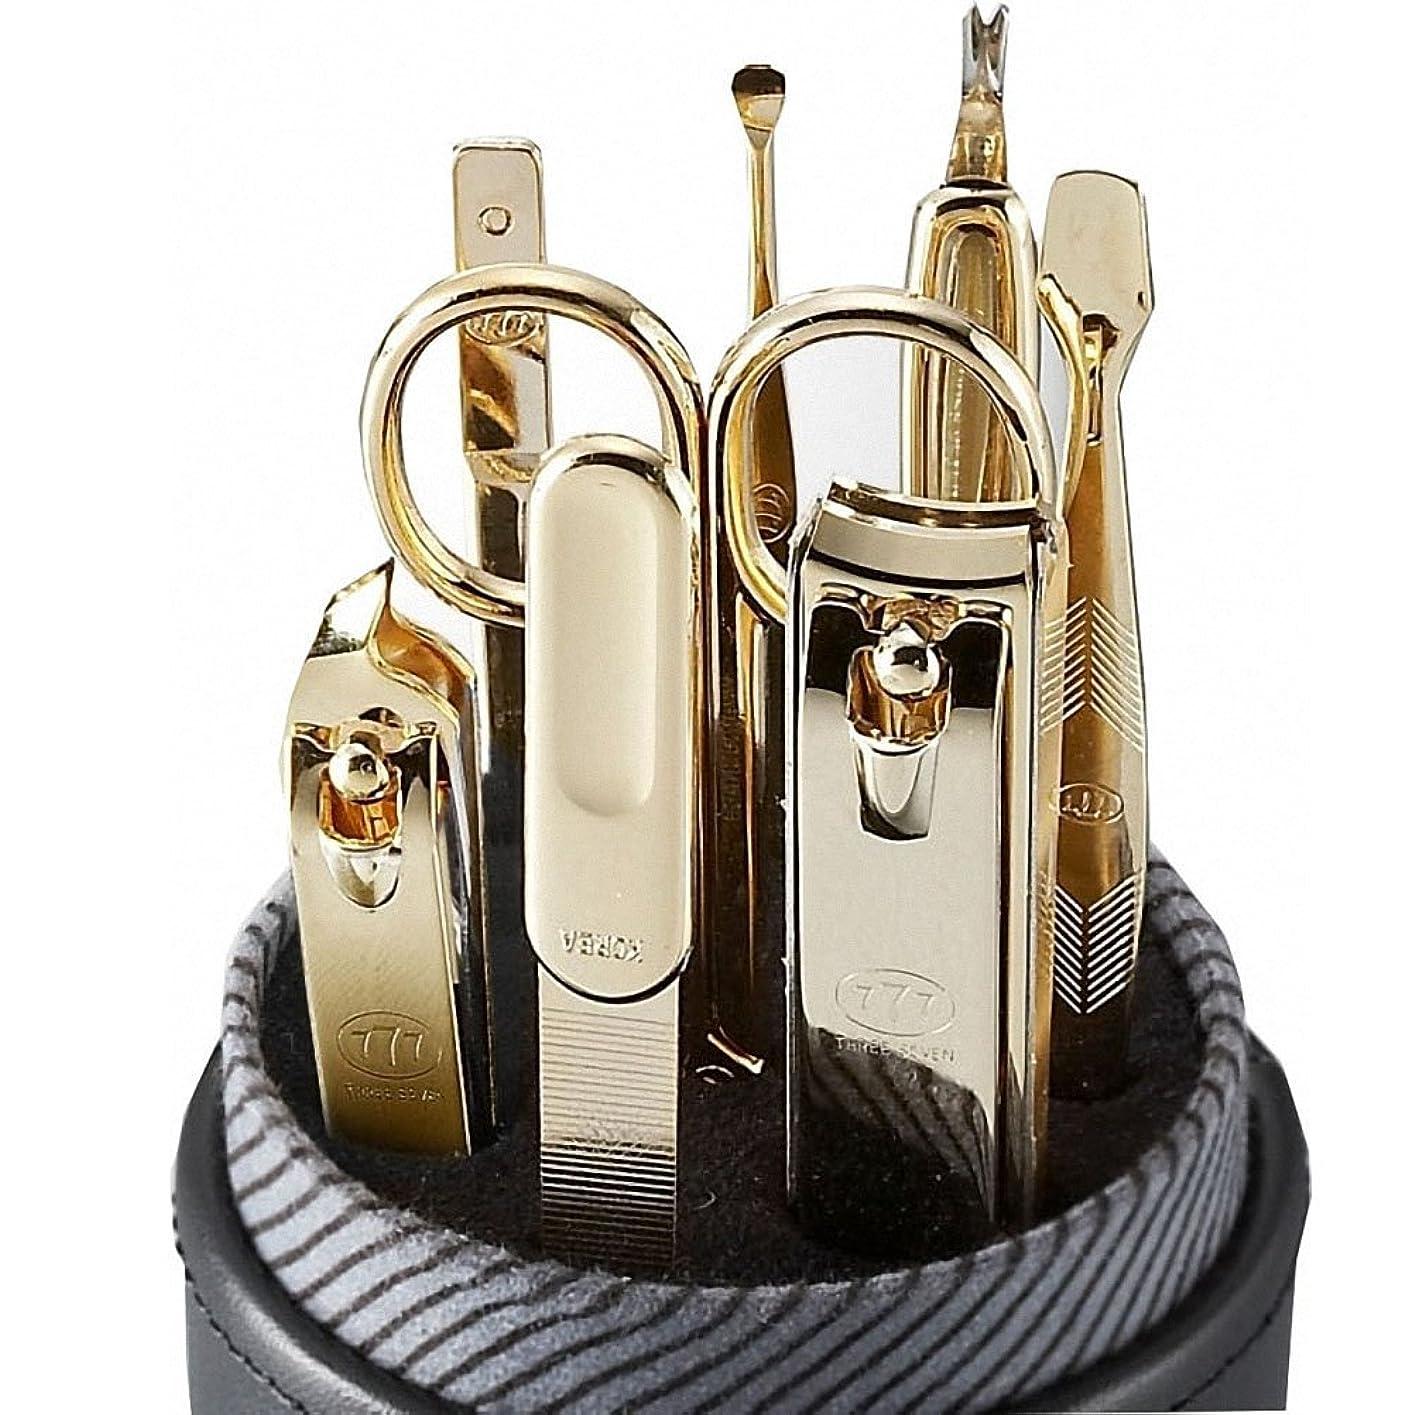 花婿寄り添う故意の【 三セブン】THREE SEVEN TS-007C Manicure Set in Round Synthetic Leather Case 三セブン円形の合成革ケースでTS-007 Cマニキュア セット (2.Gold) [並行輸入品]